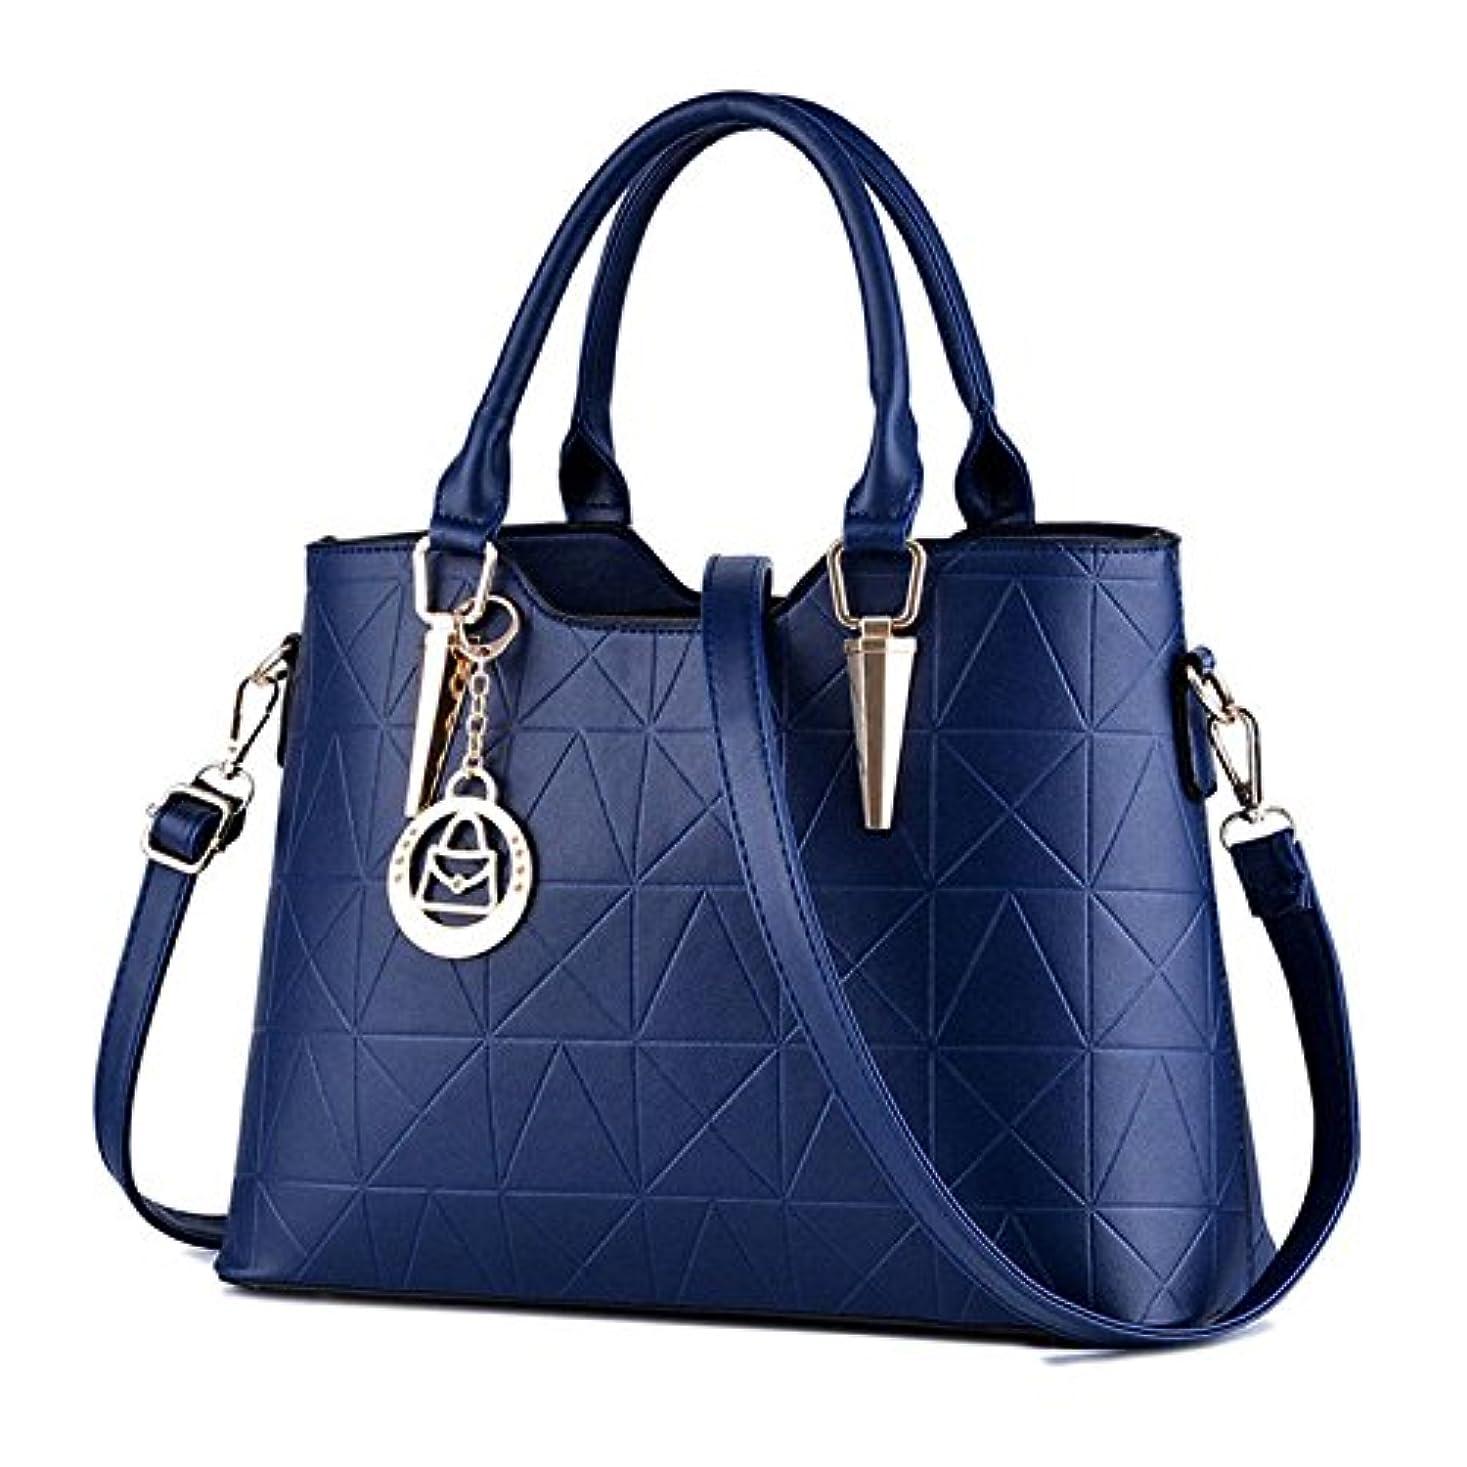 盲信百年気をつけてトートバック/ショルダーバック/ハンドバック/Women Leather Handbag Shoulder Bag Messenger Hobo Satchel Tote Crossbody Bag